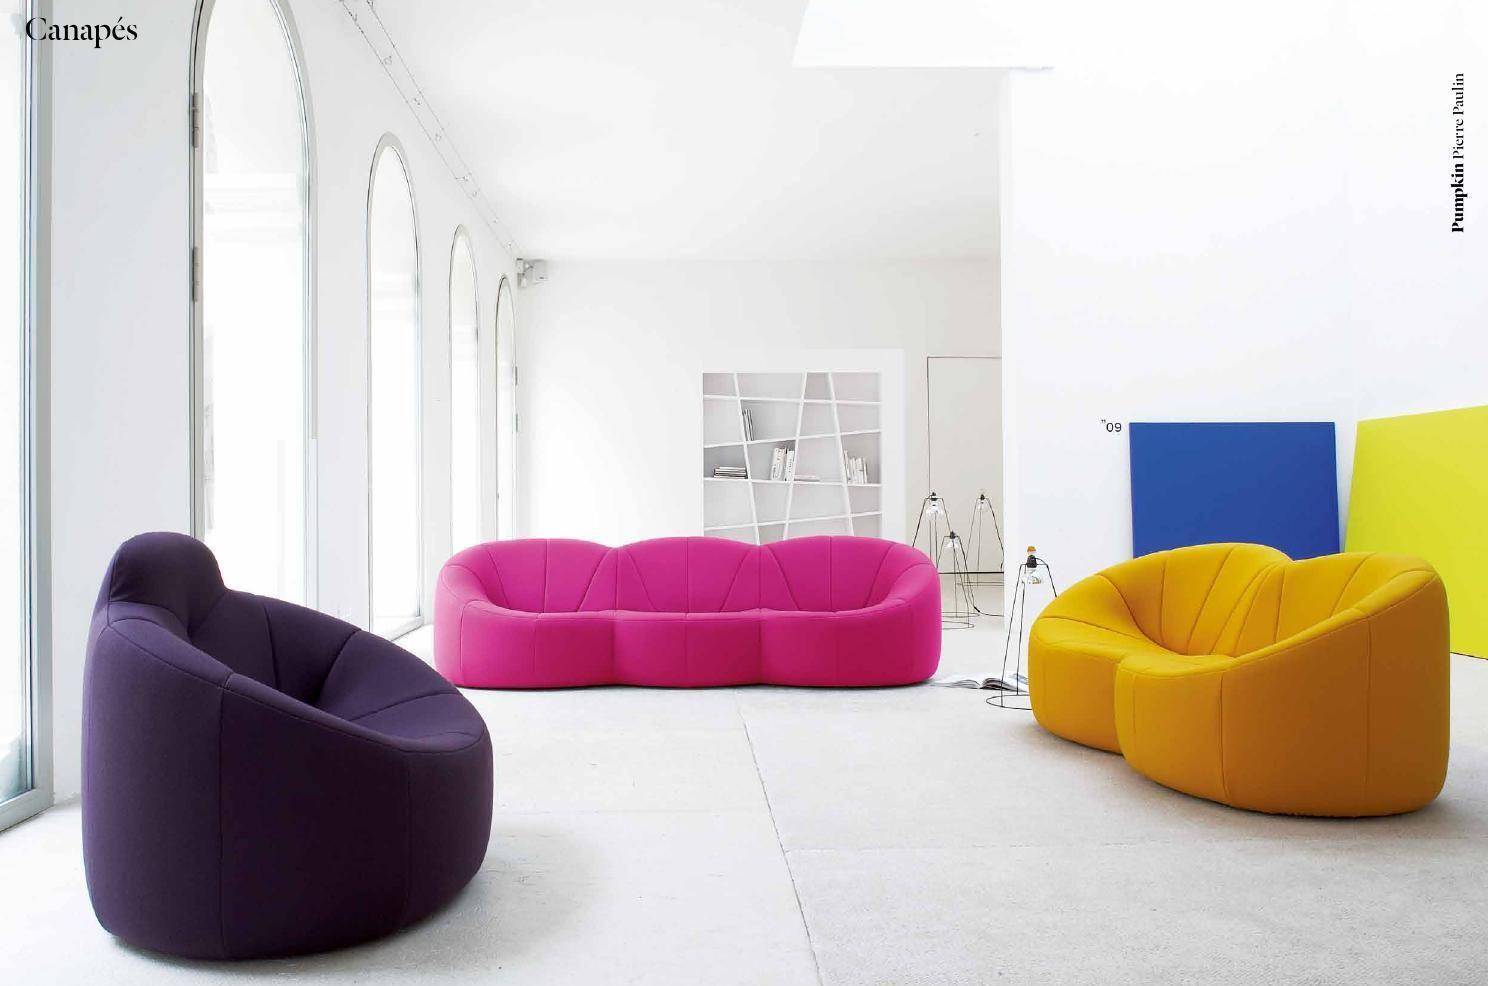 Ligne roset catalogue 2014 seating pinterest design mobilier de salon et deco for Catalogue mobilier design